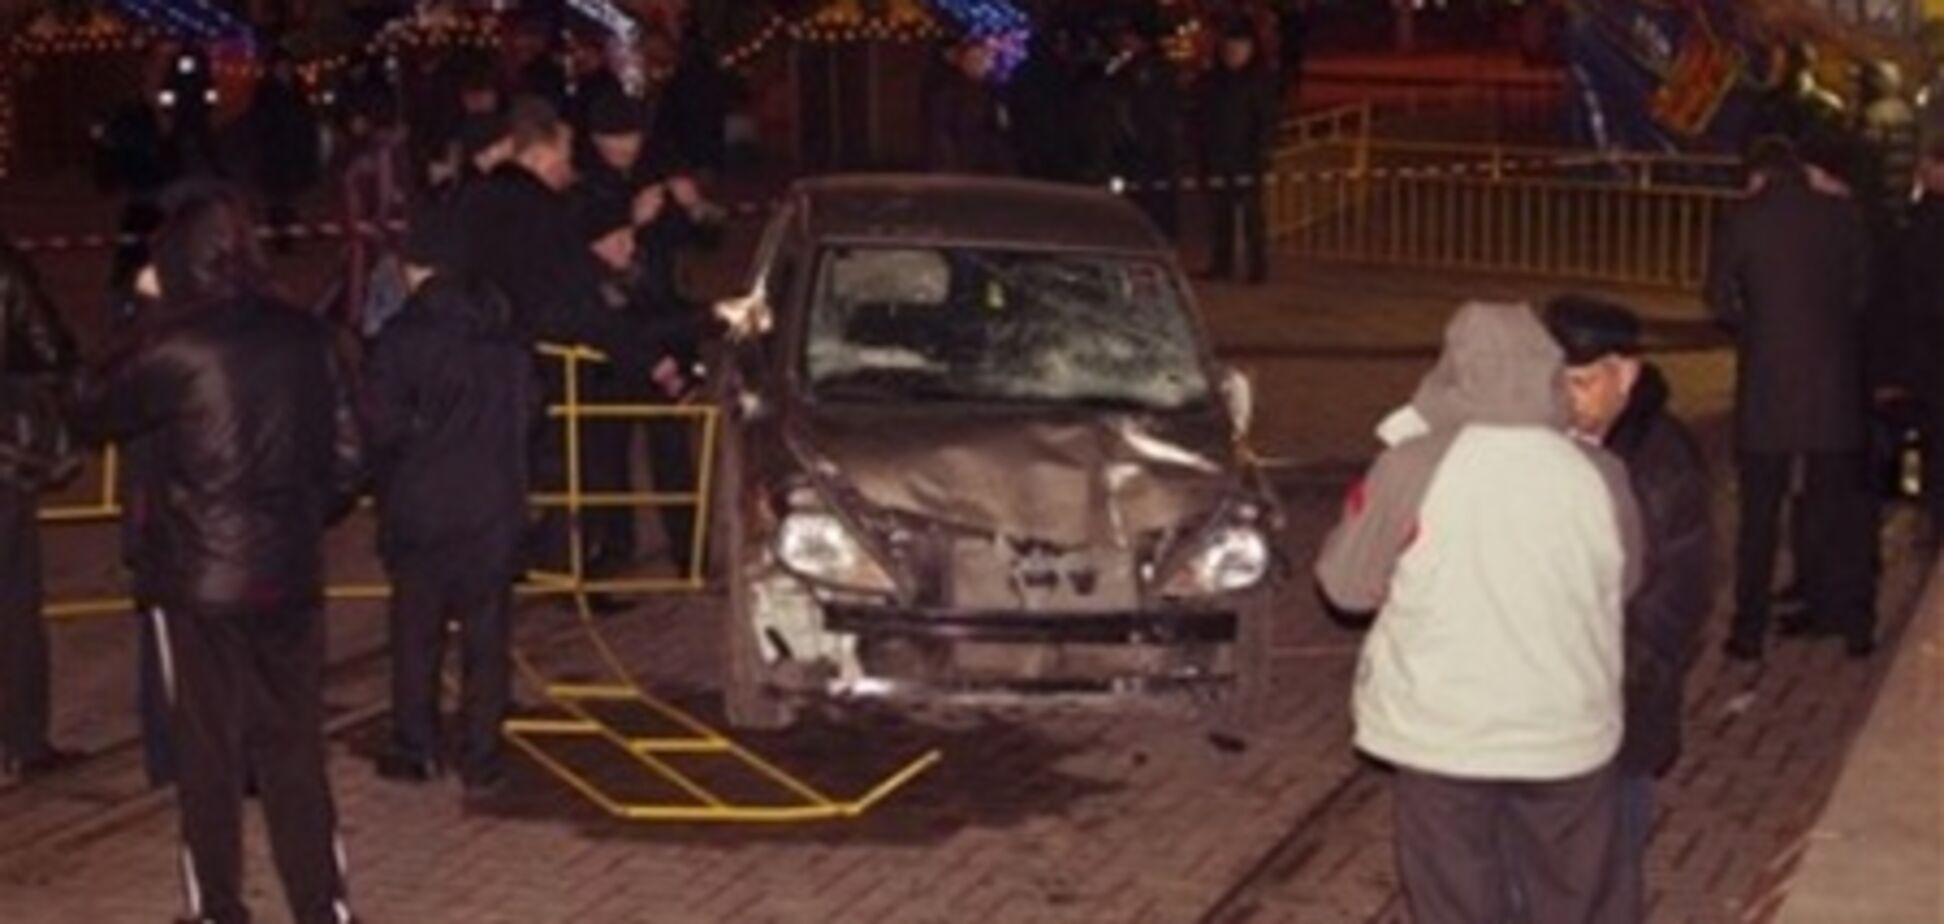 Пострадавшая в ДТП в Луганске вышла из комы